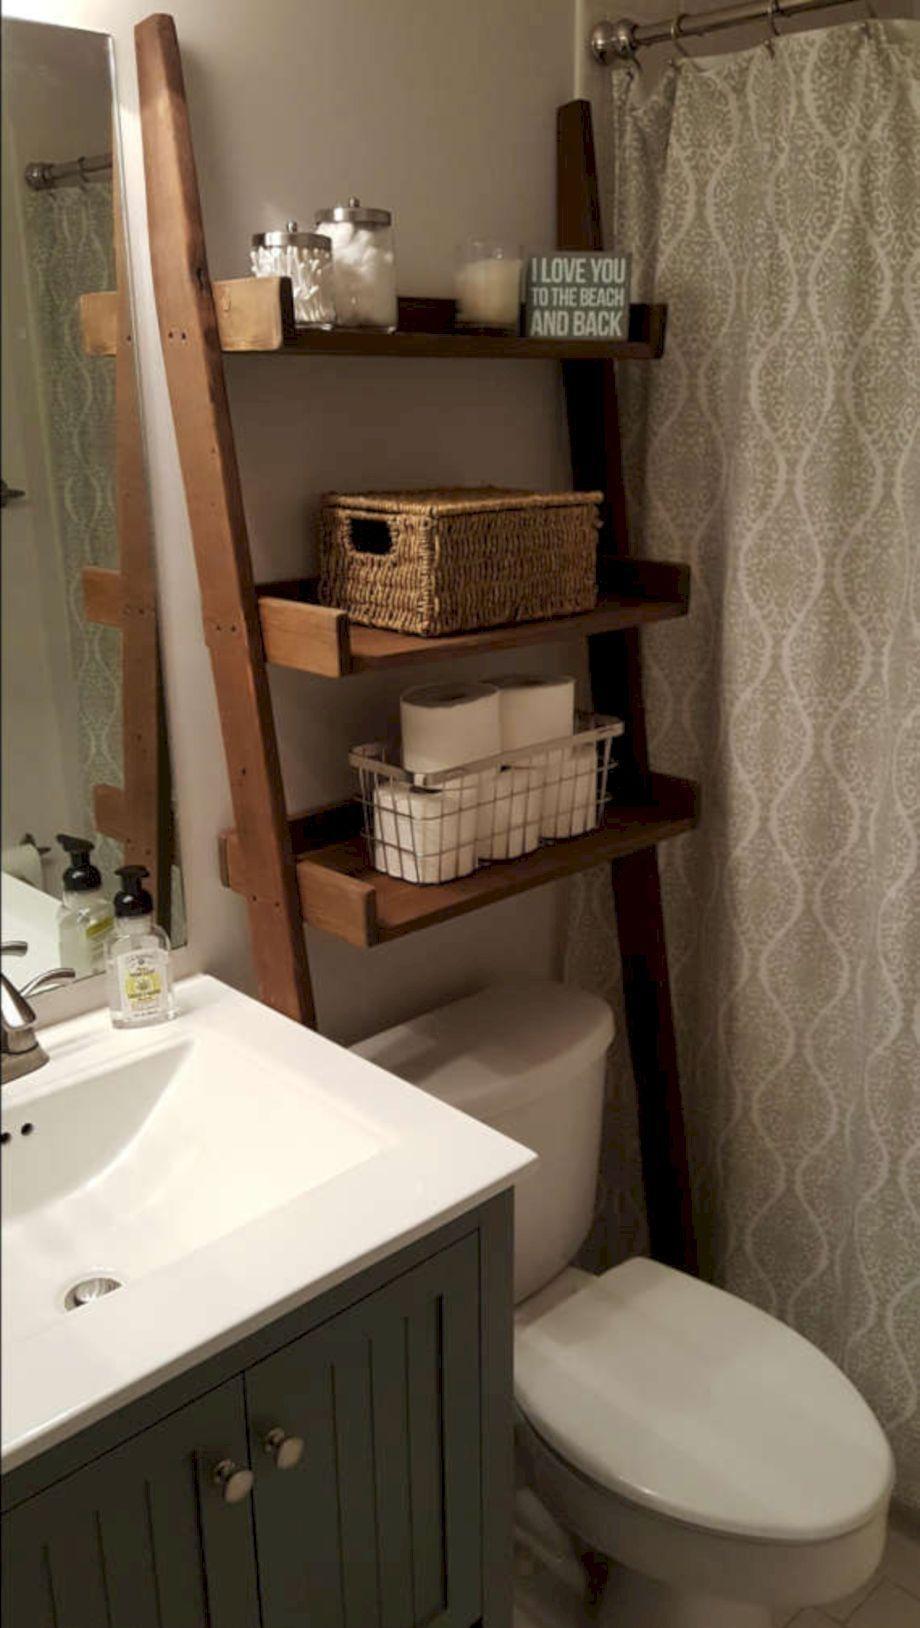 47 Efficient Small Bathroom Storage Organization Ideas